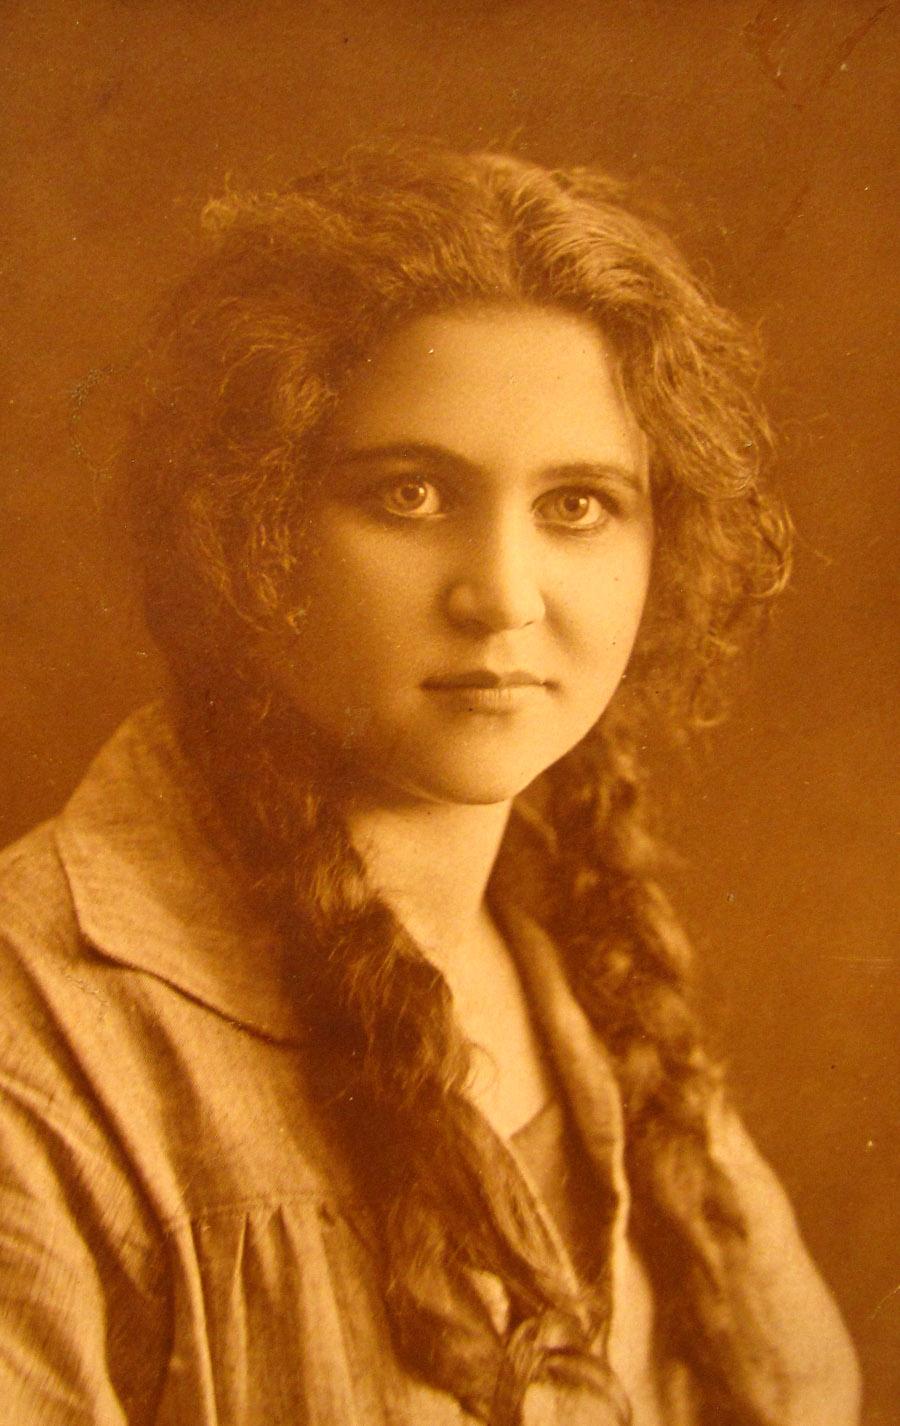 ELENA-1920-s-02